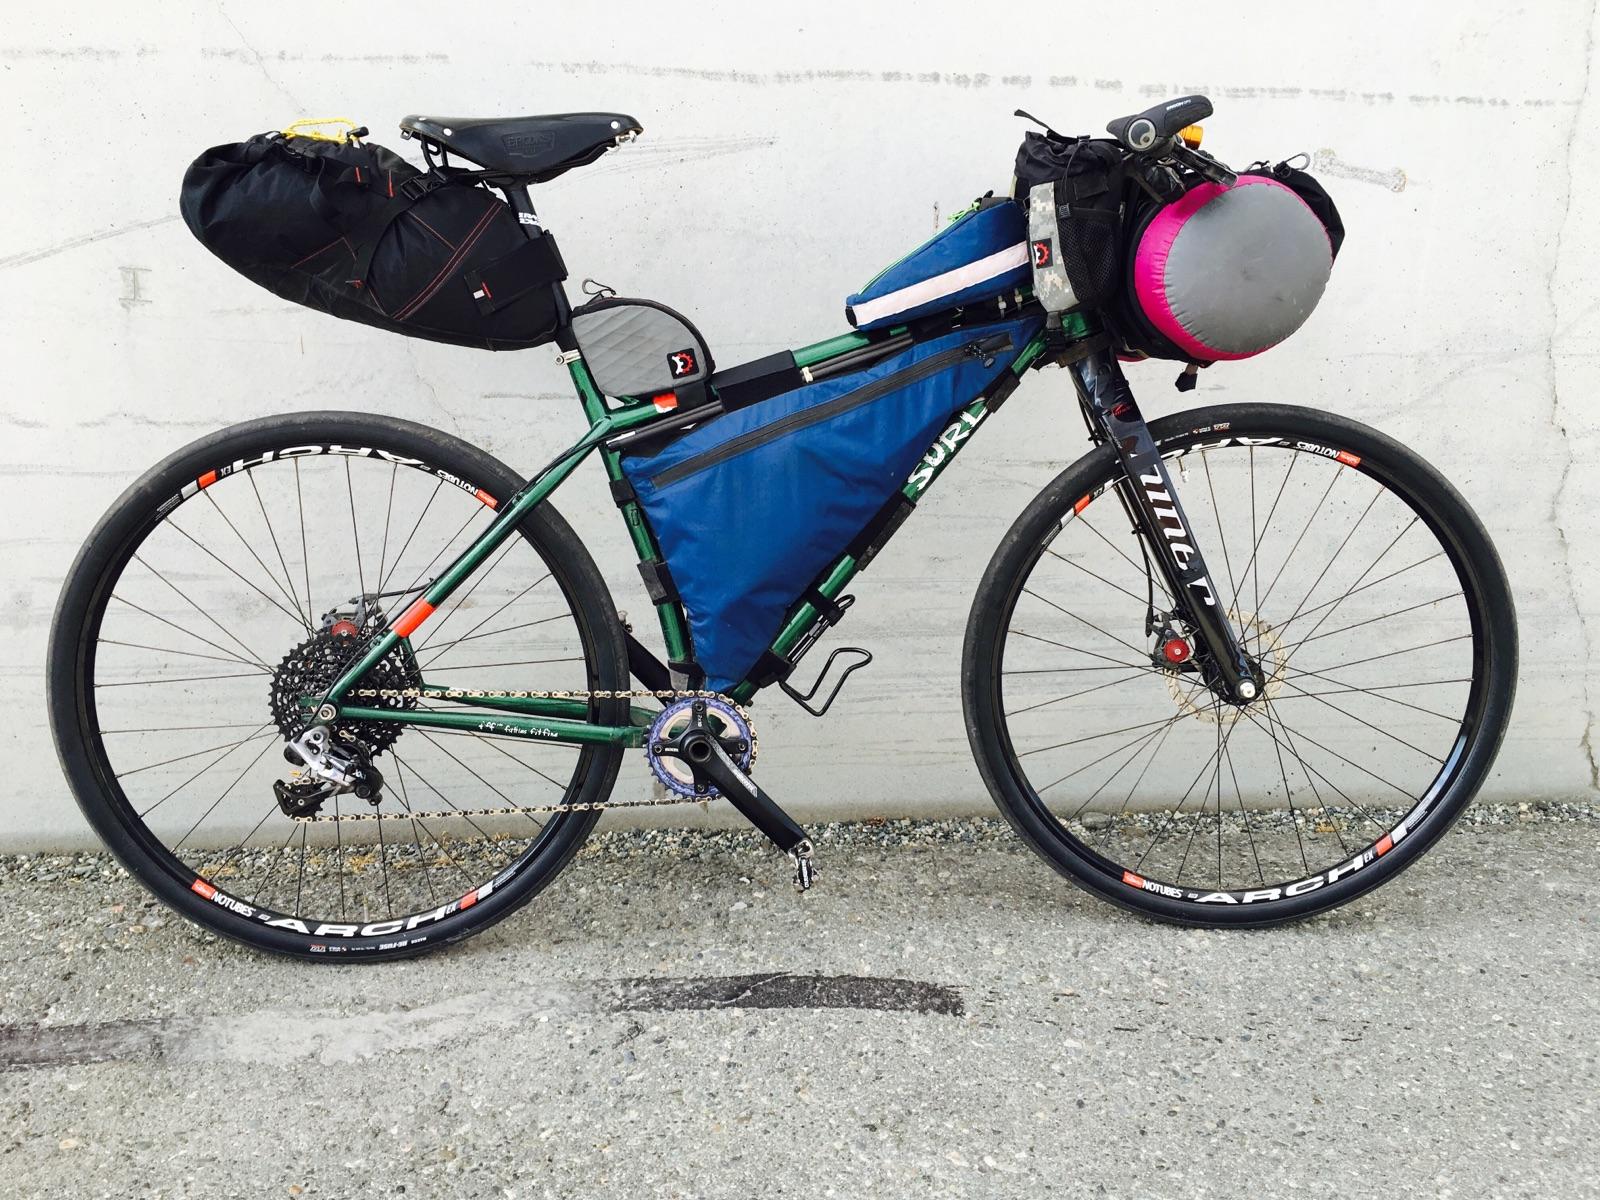 Fully packed bike.